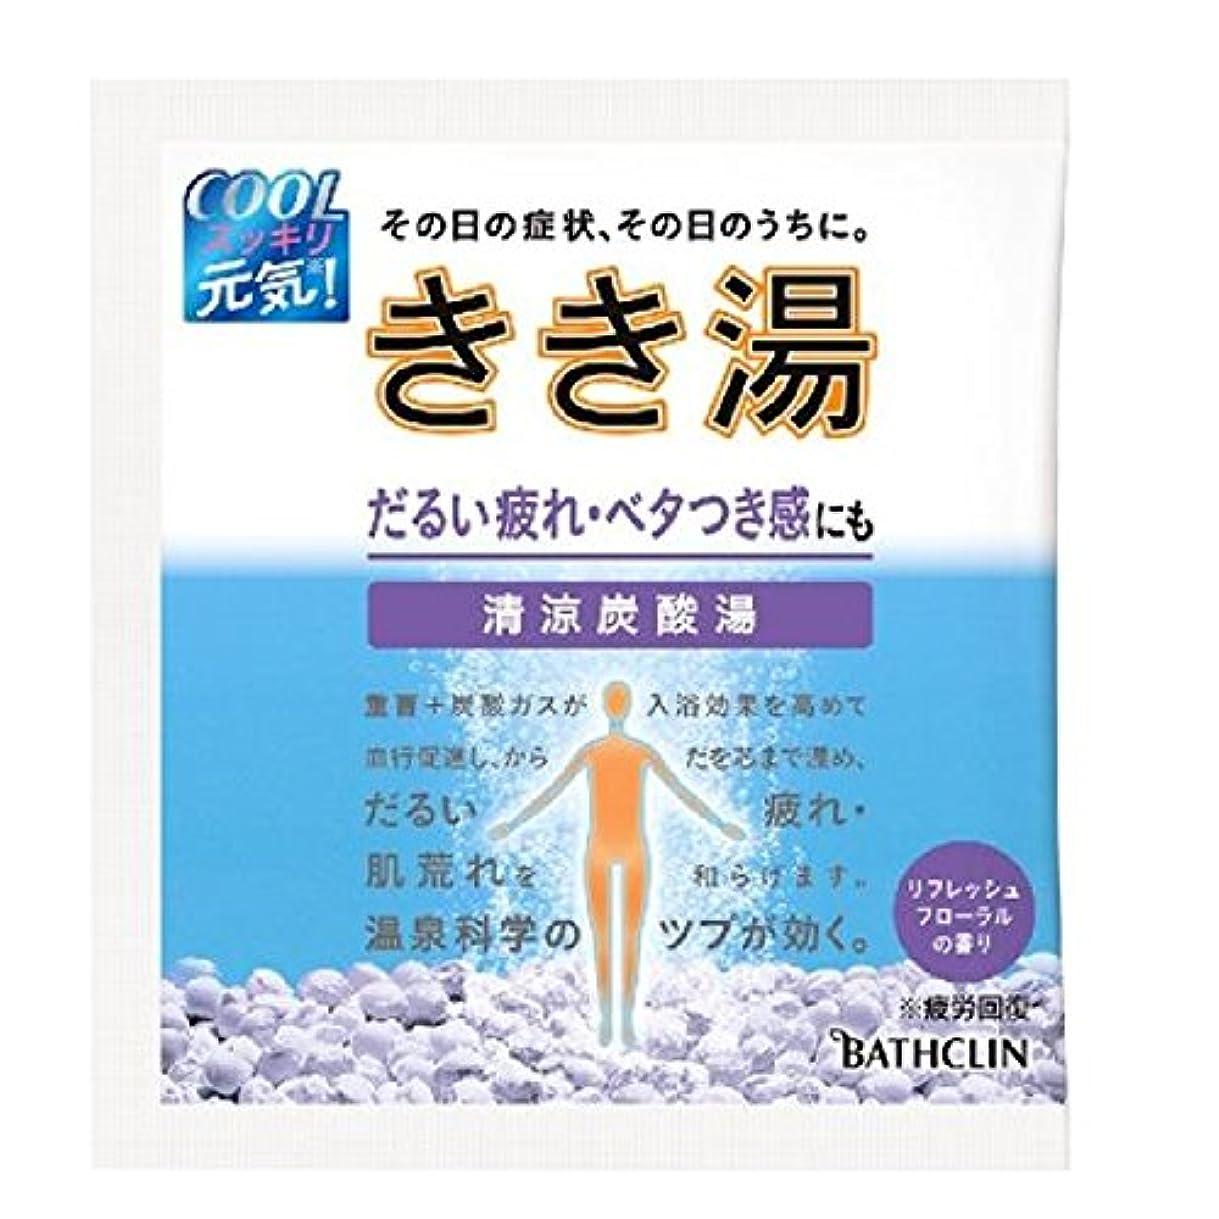 起業家通知二度【バスクリン】 きき湯 清涼炭酸湯 リフレッシュフローラルの香り 分包 30g (医薬部外品)